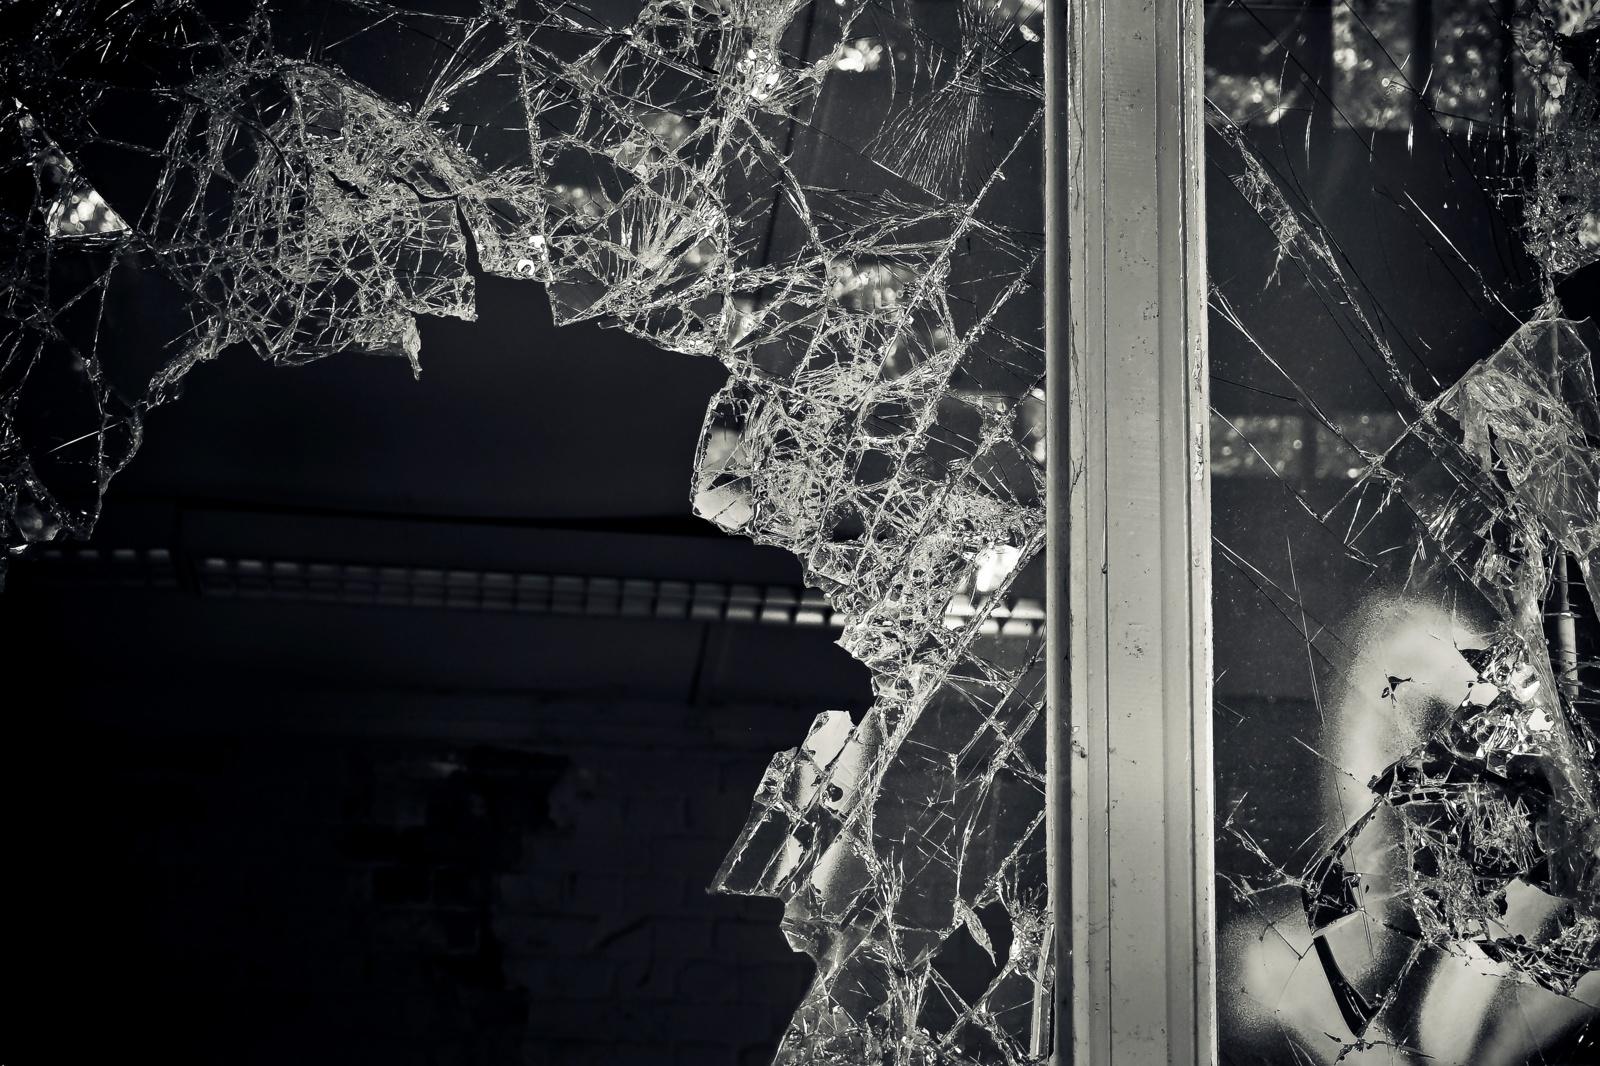 Pasvalietis daužė langus